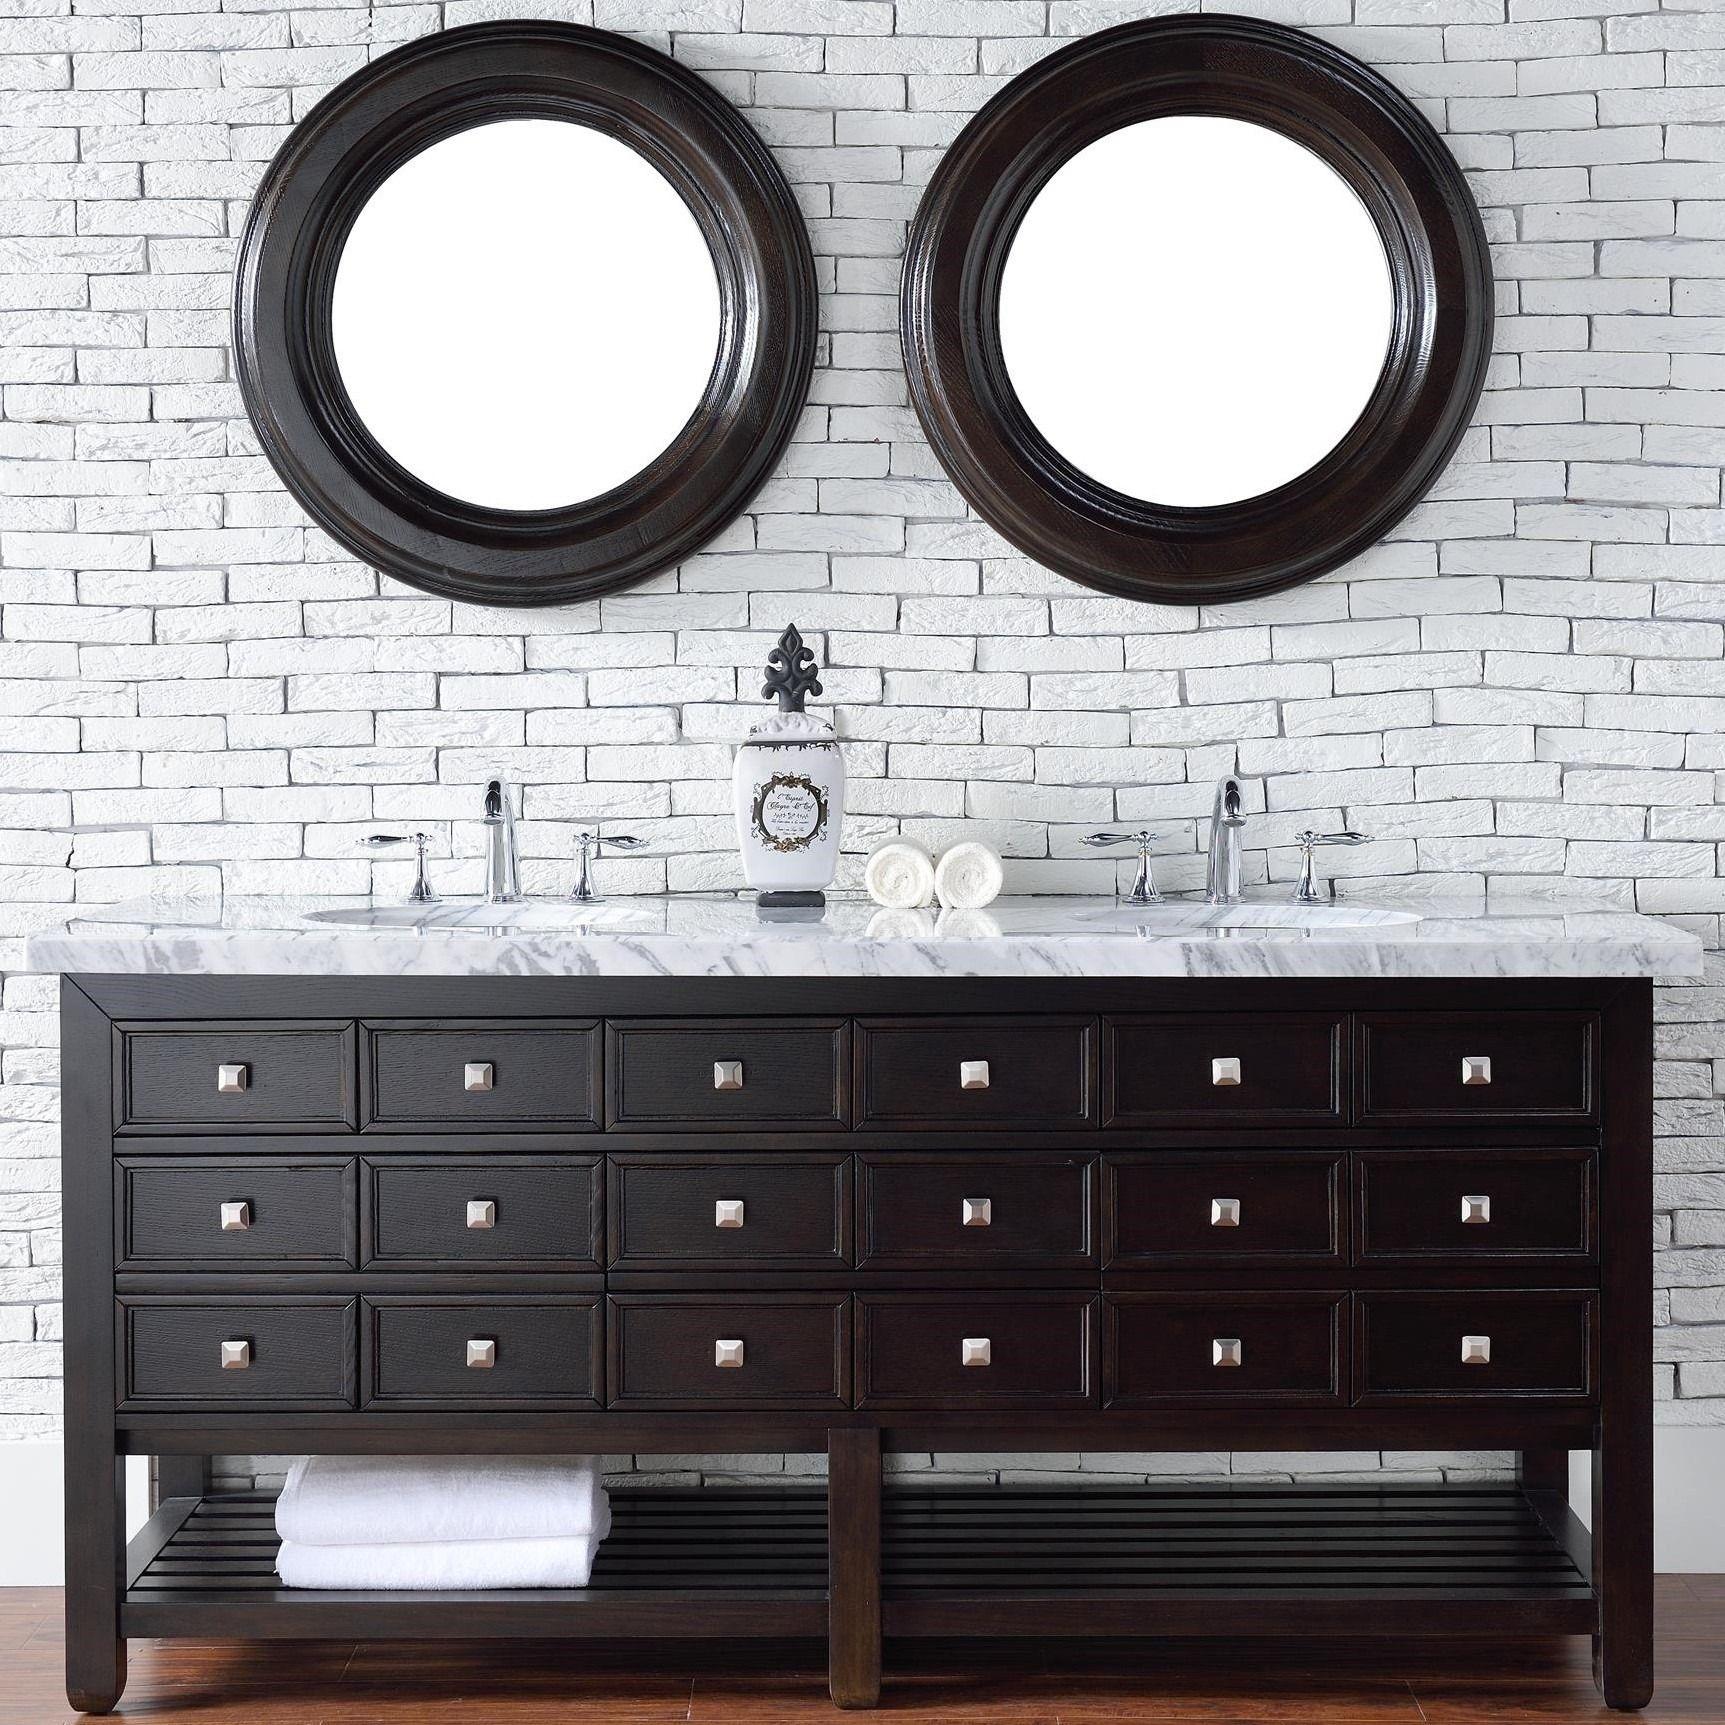 in homethangs vanities com savannah wood vanity solid from youtube watch martin single new james bathroom